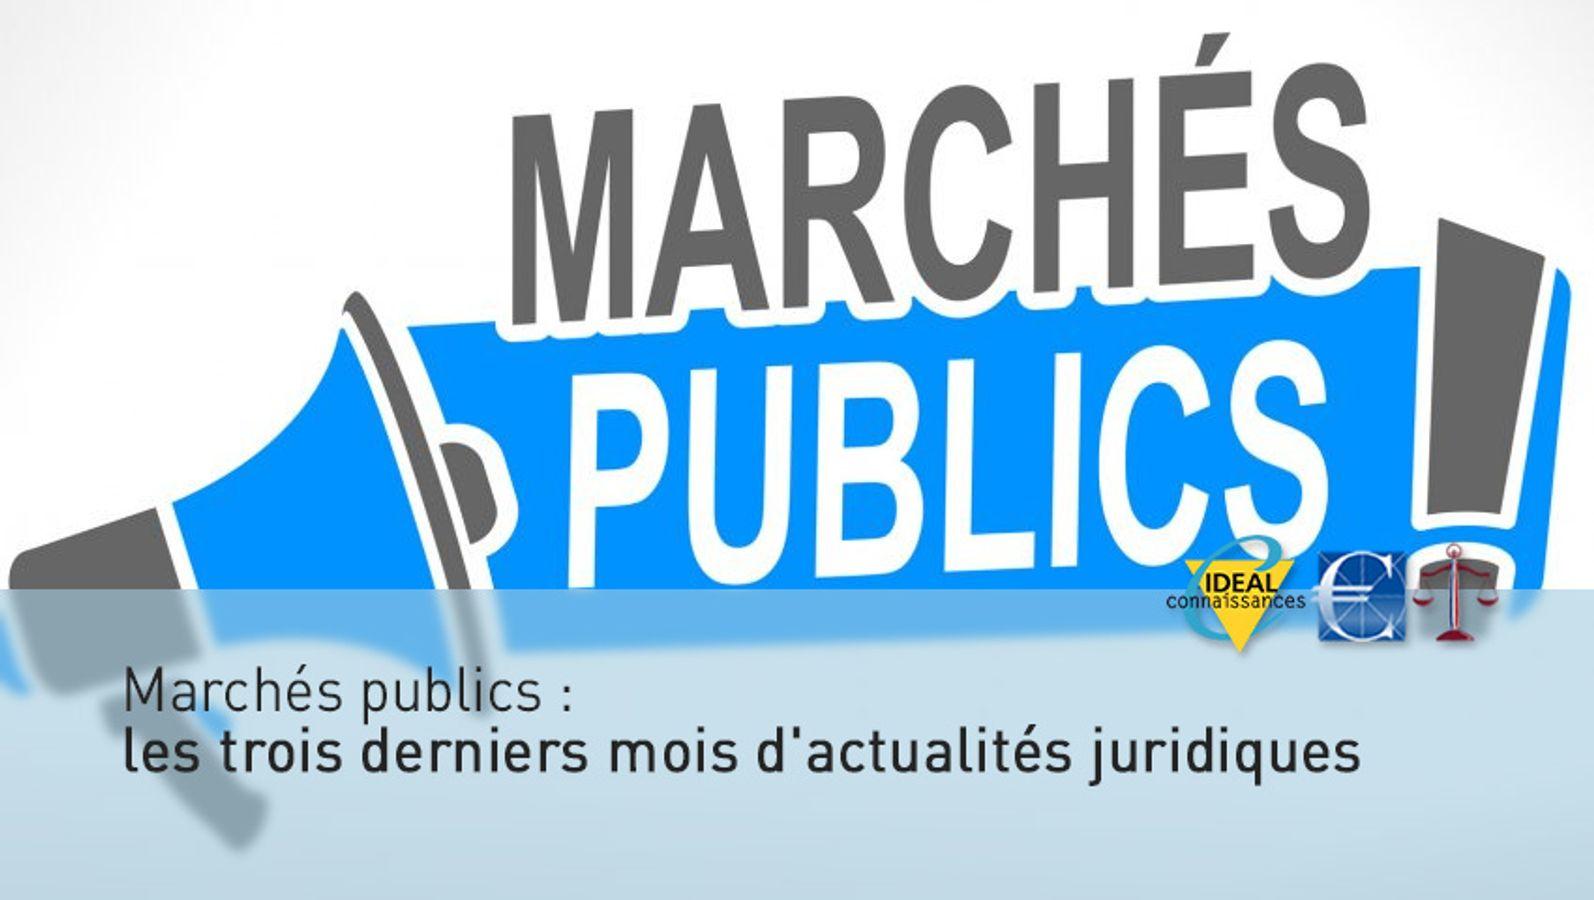 Marchés publics : les trois derniers mois d'actualités juridiques